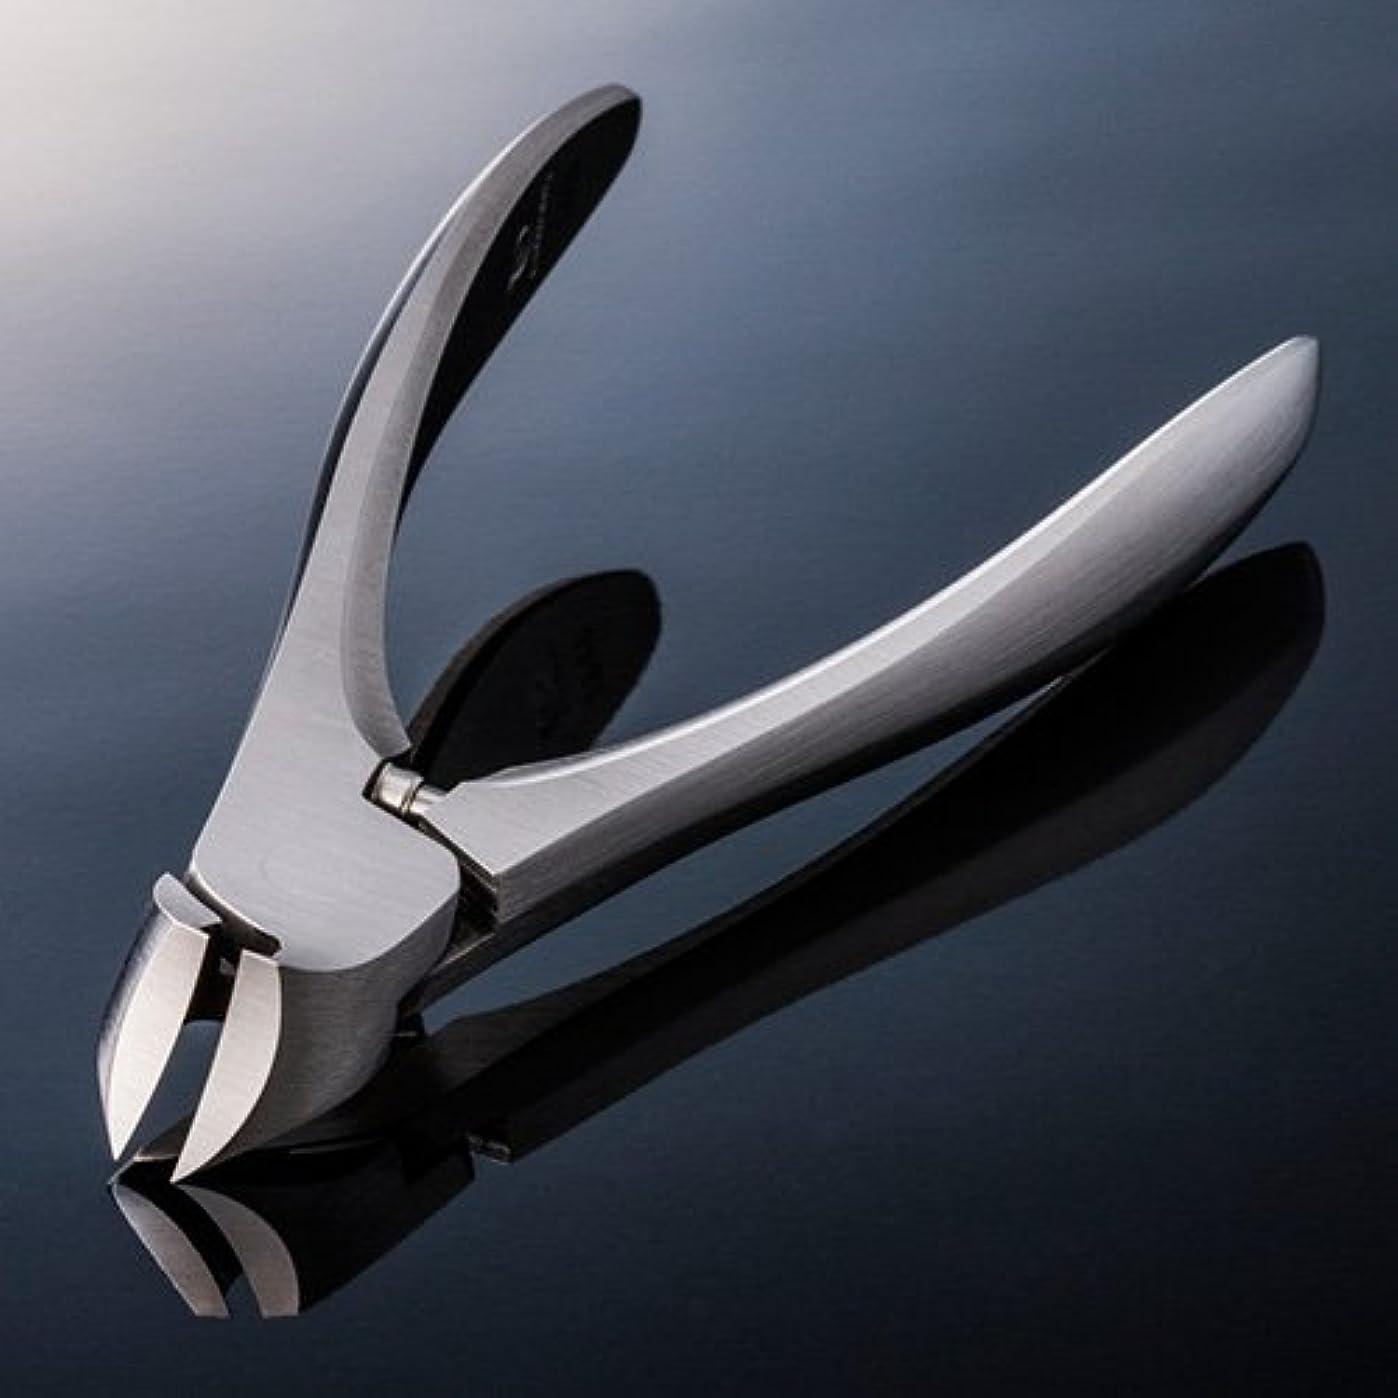 変える露連鎖【SUWADA クラシックL 爪やすり付】 諏訪田のつめ切り 爪切り ネイルニッパー 収納メタルケース付 /日本のいいもの